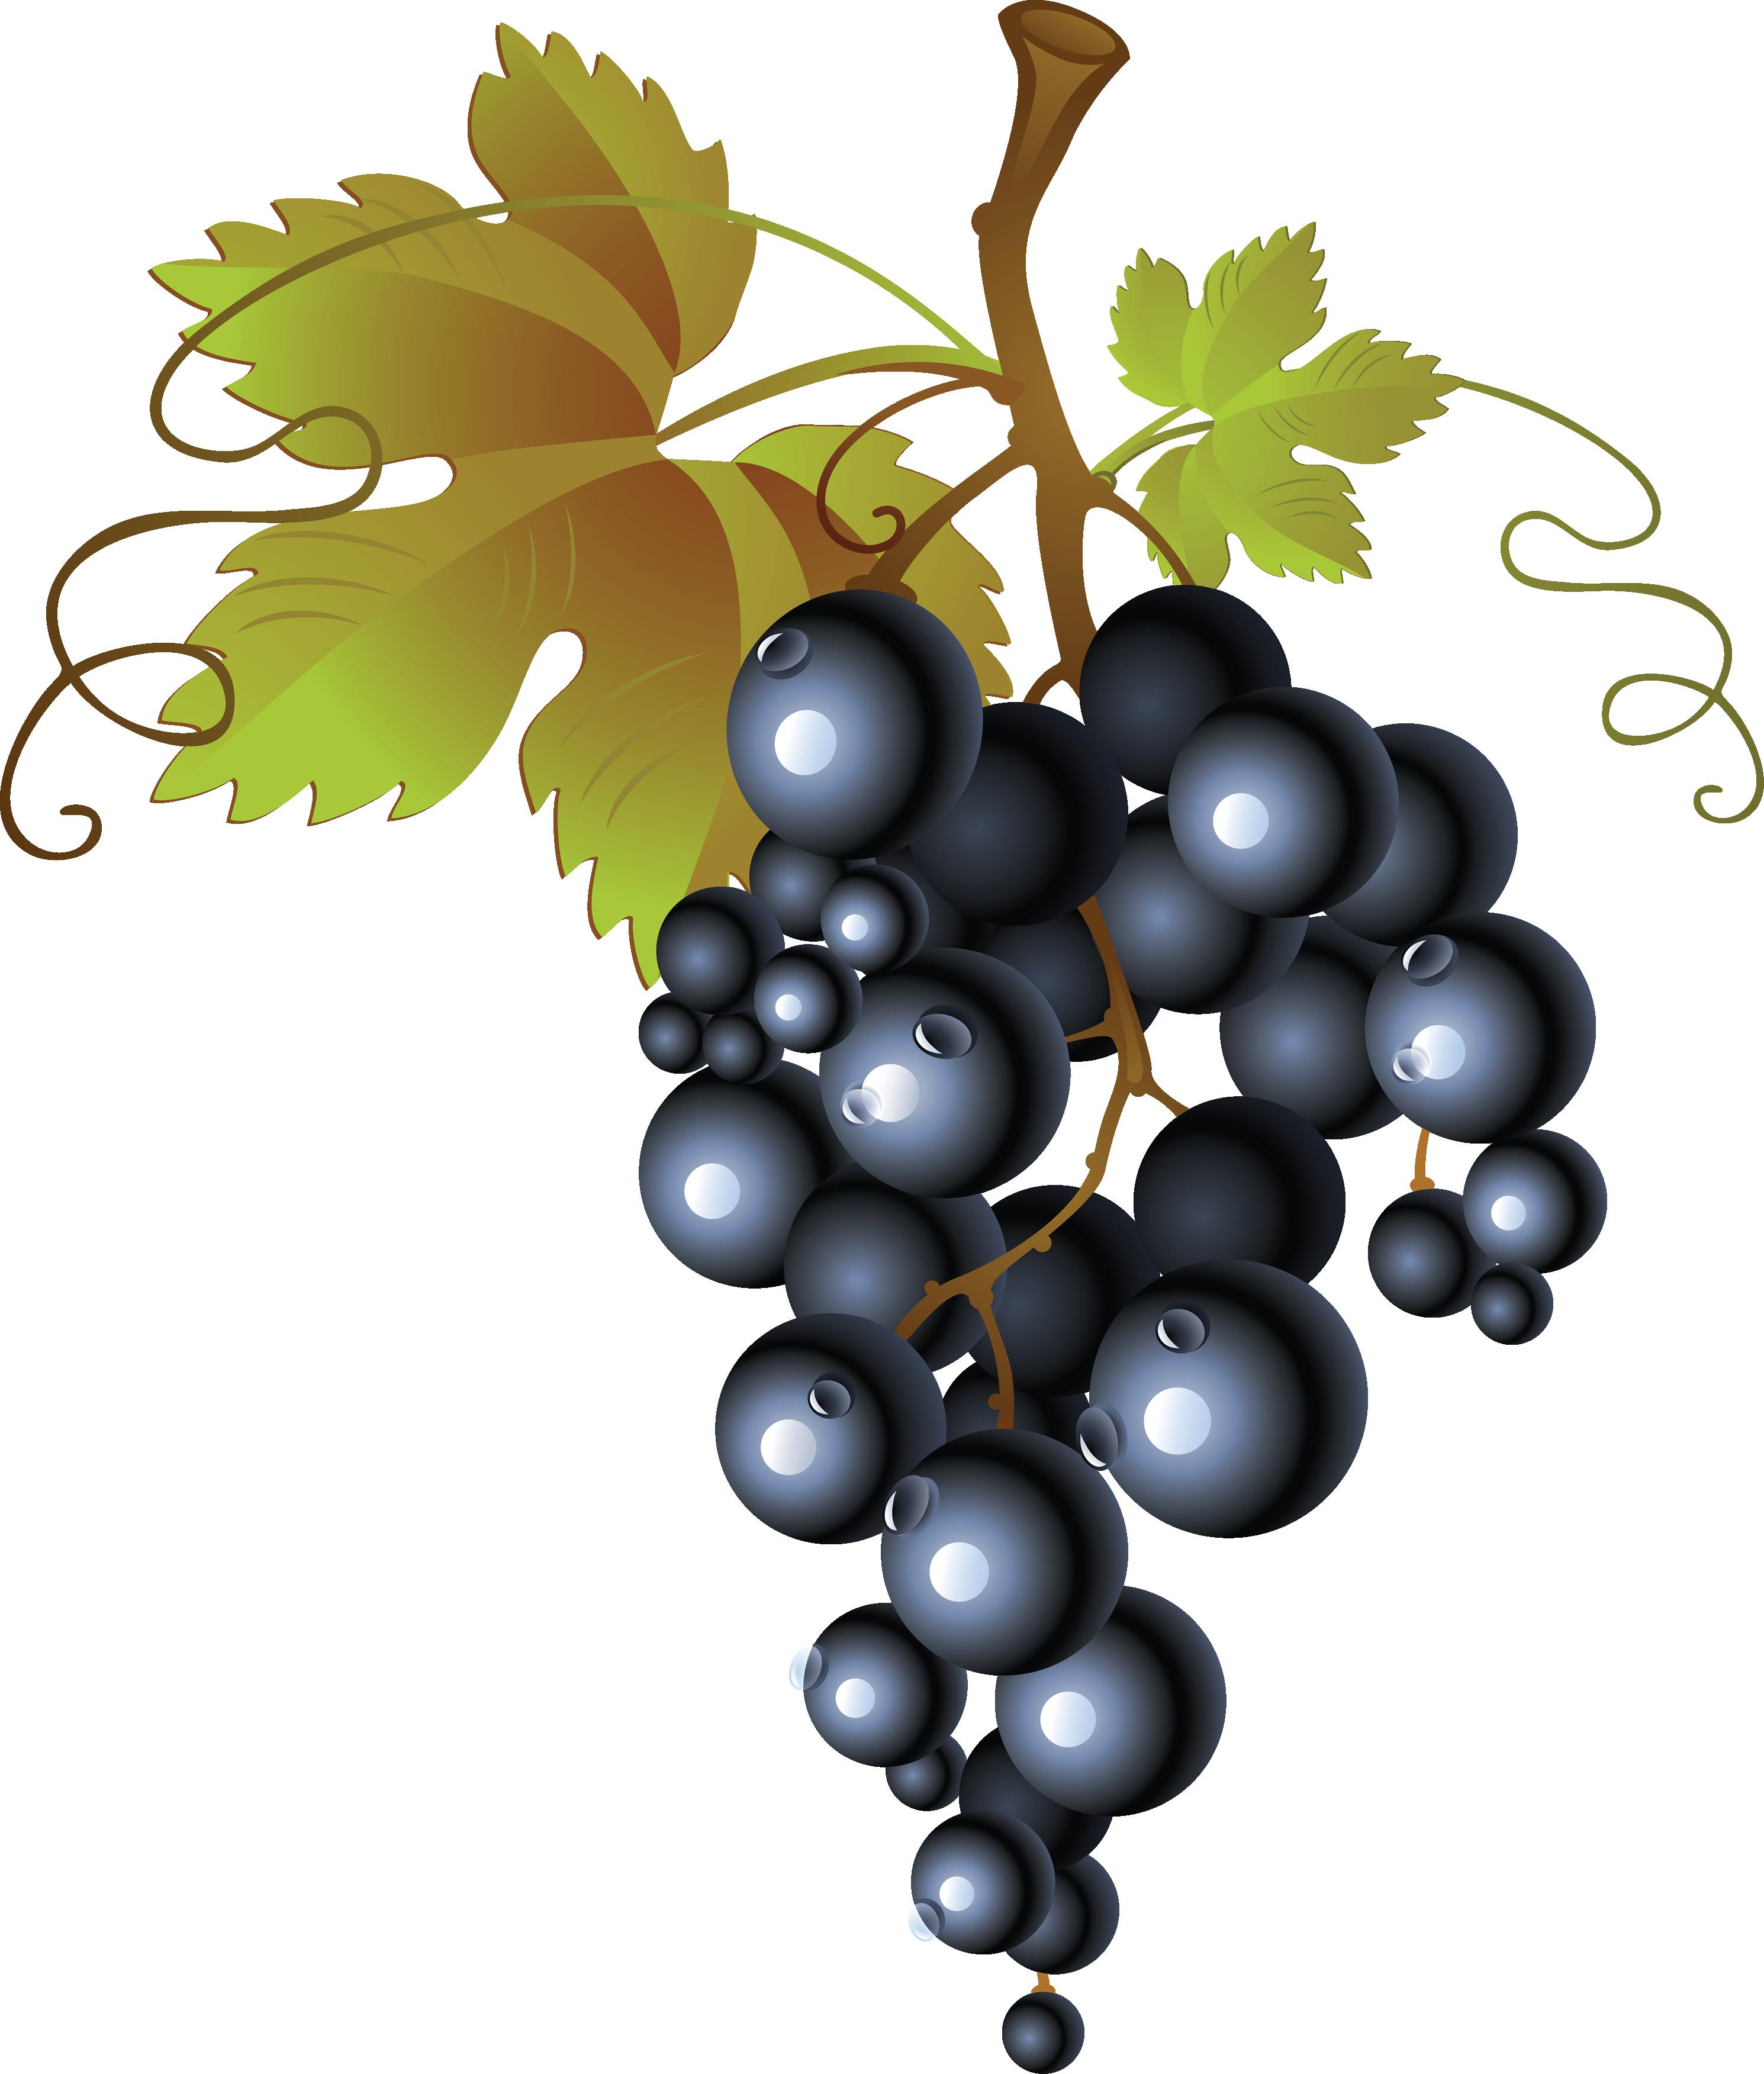 Grape clipart grap. Black grapes png image